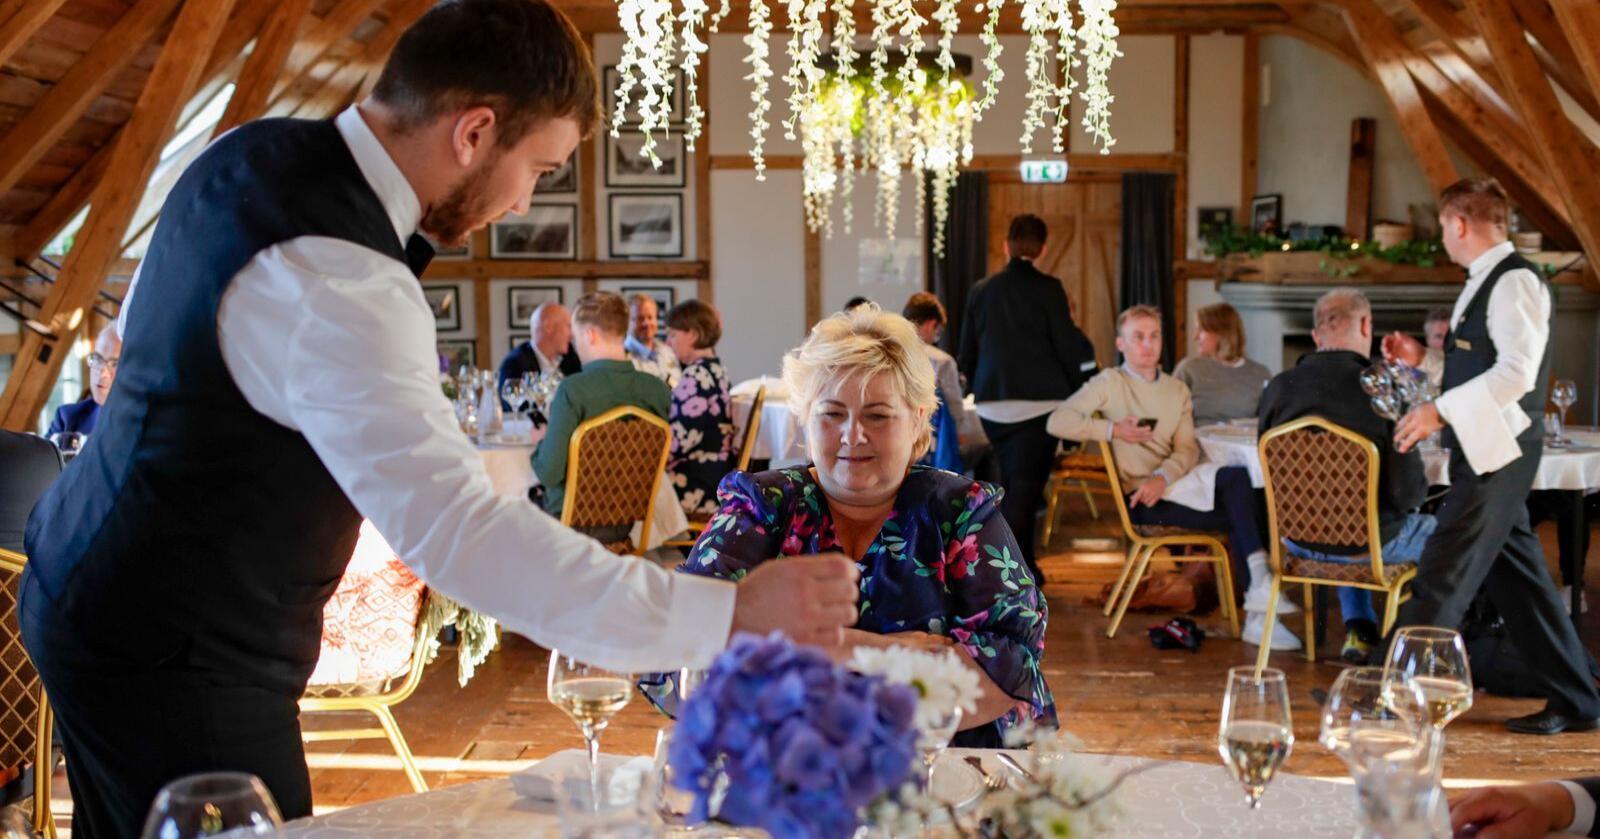 Statsminister Erna Solberg (H) på middag på Bekkjarvik gjestgiveri under sin valgkampturné før stortingsvalget 2021. Foto: Javad Parsa / NTB